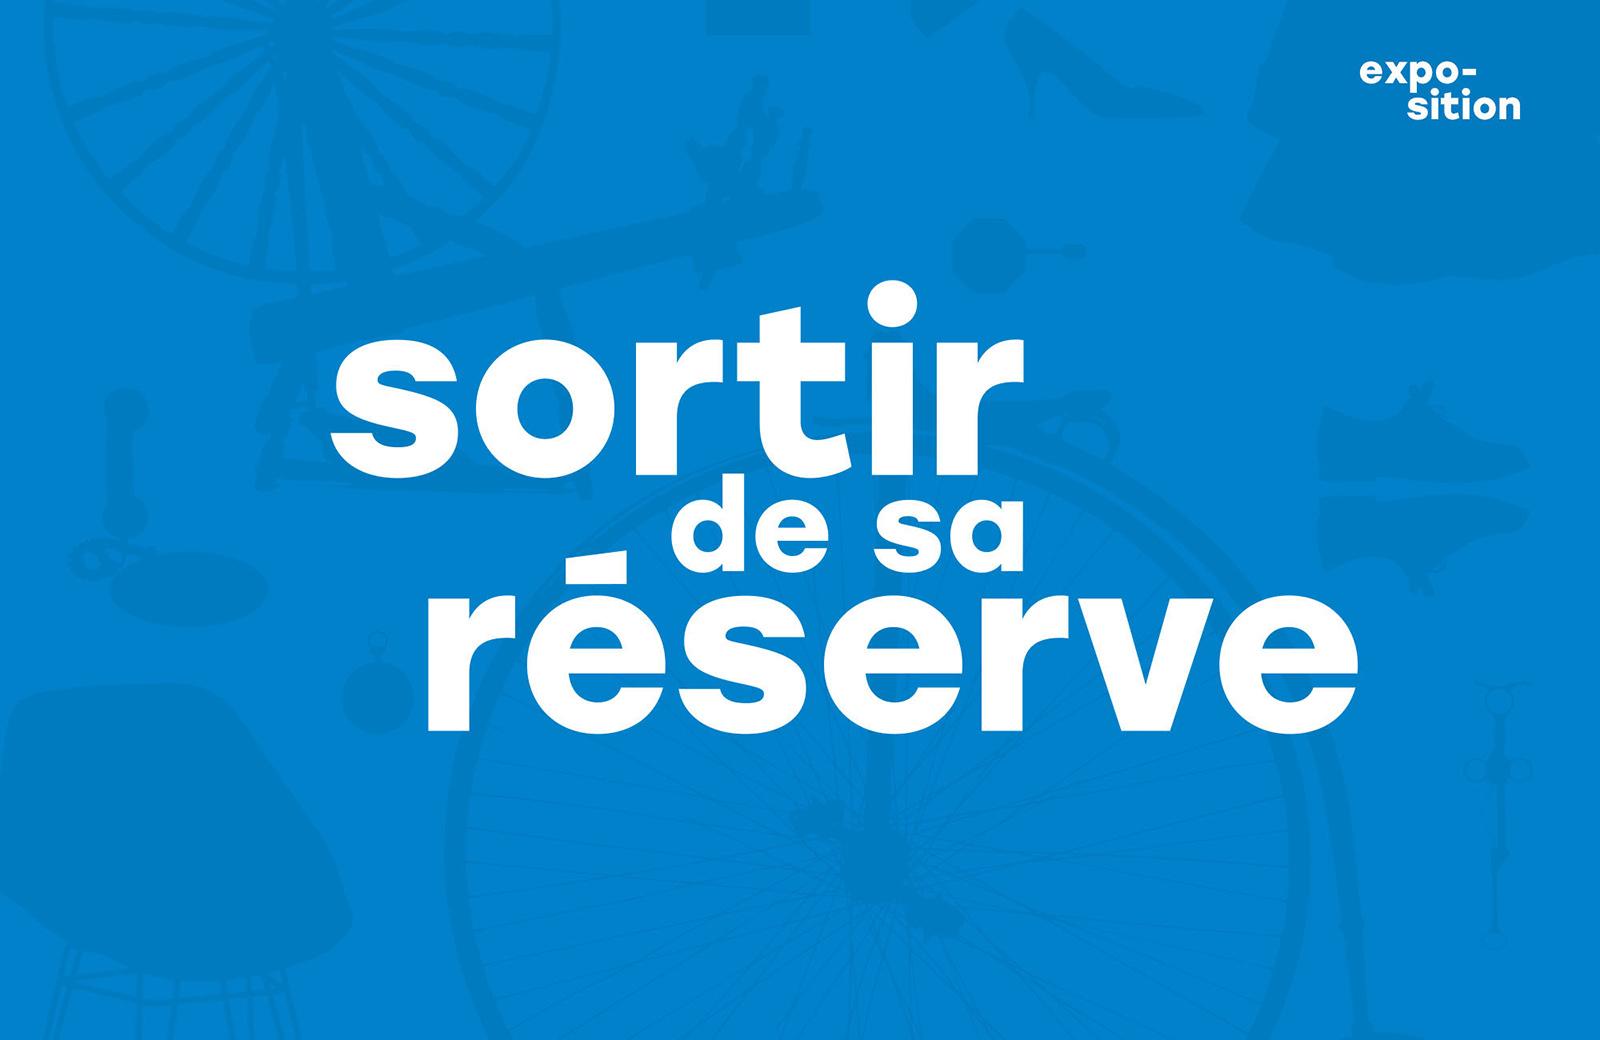 logo Expo Sortir de sa reserve